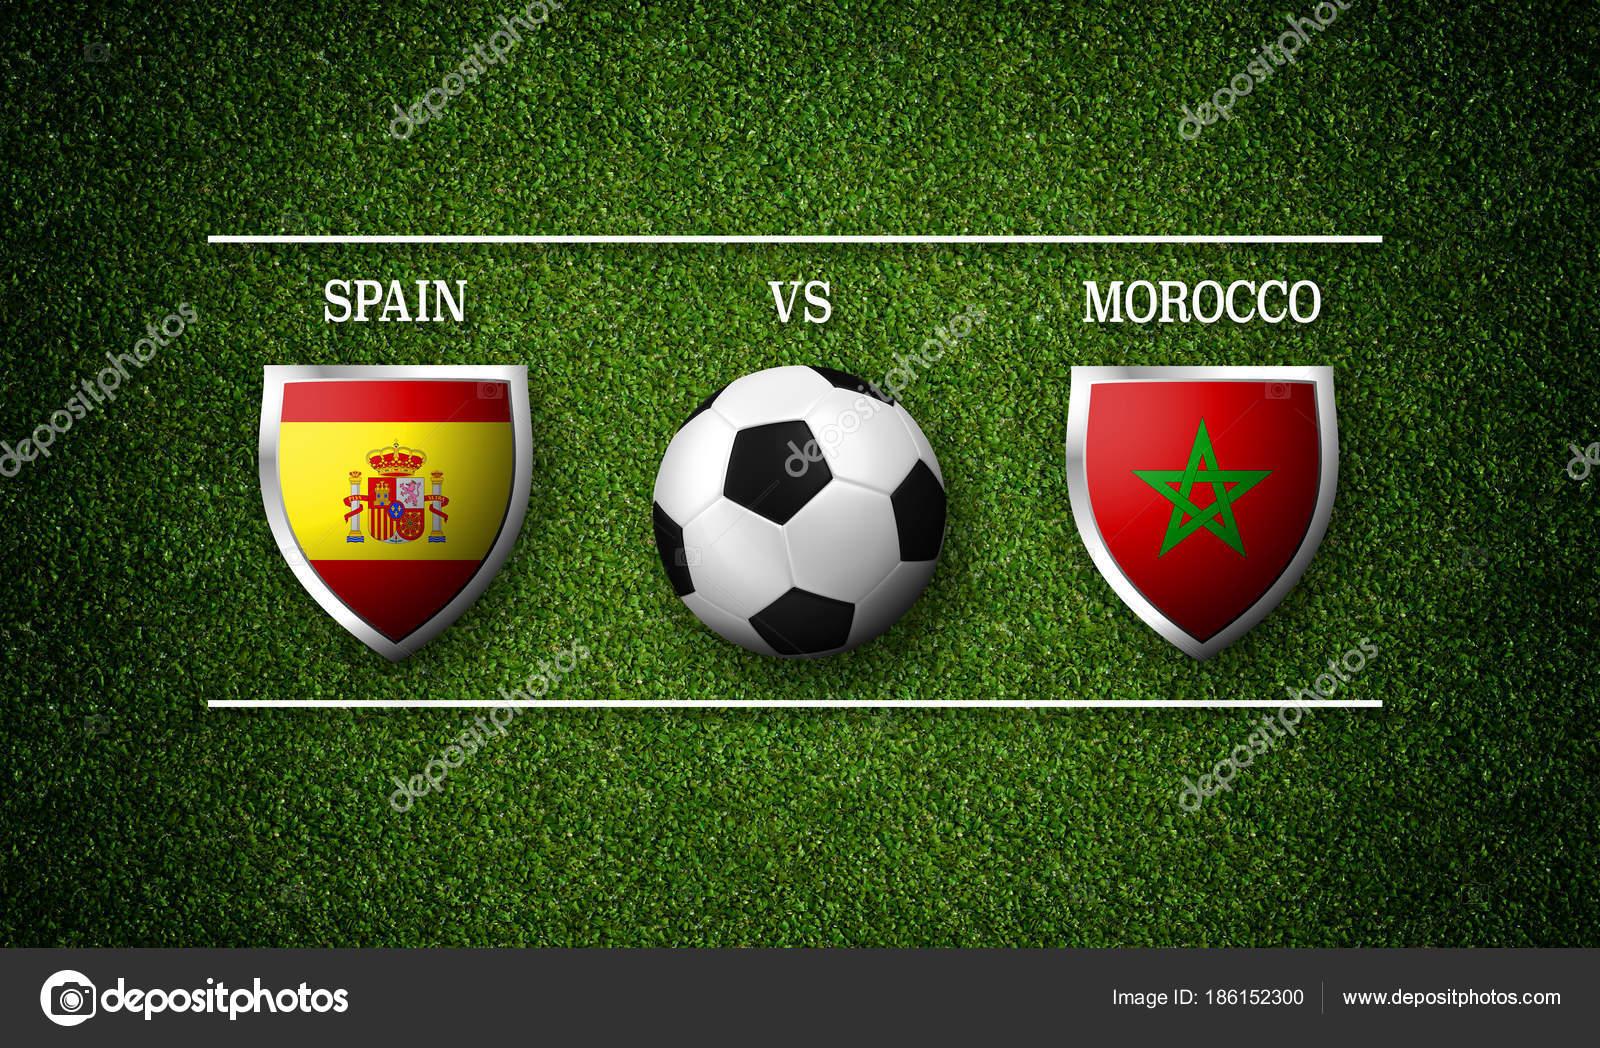 Calendario Calcio Spagnolo.Calendario Delle Partite Di Calcio Spagna Vs Marocco Foto